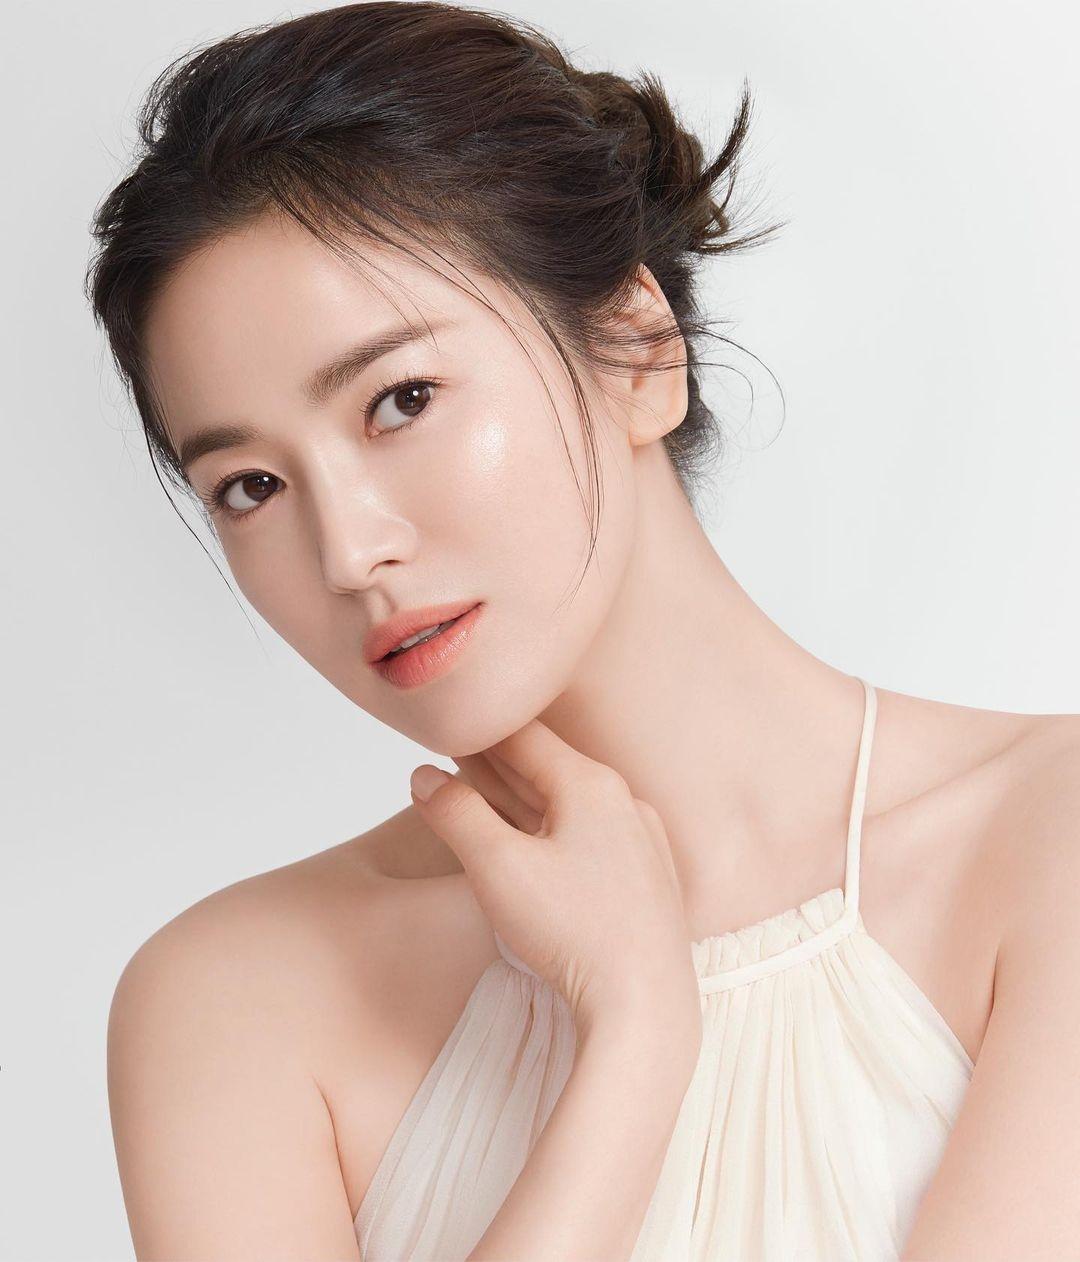 """Là cố tình bắt chước hay trùng hợp thì """"tiểu tam"""" Han So Hee còn chạy dài mới bằng Song Hye Kyo khi đụng hàng - Ảnh 2."""